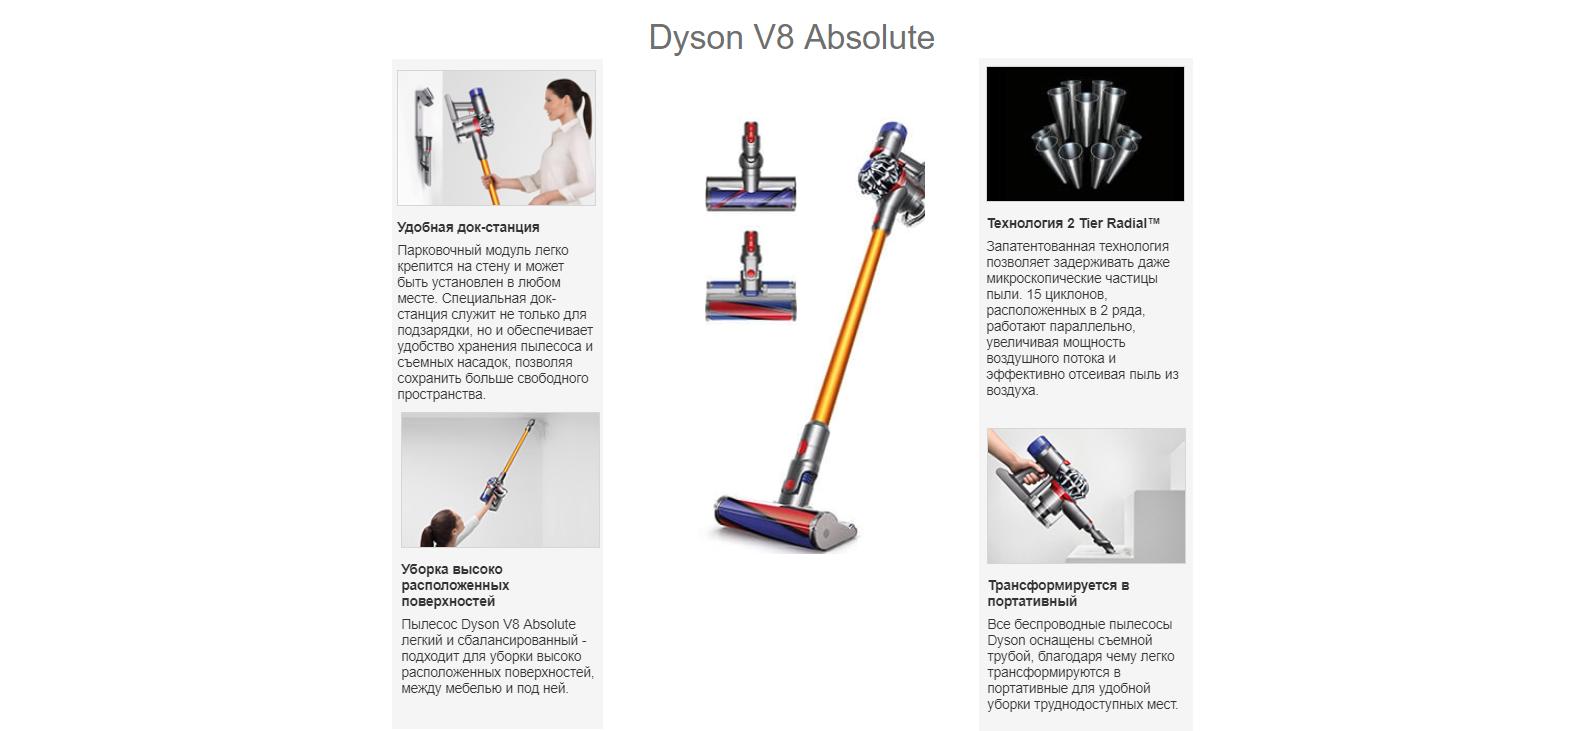 инструкция к пылесосу dyson v8 absolute